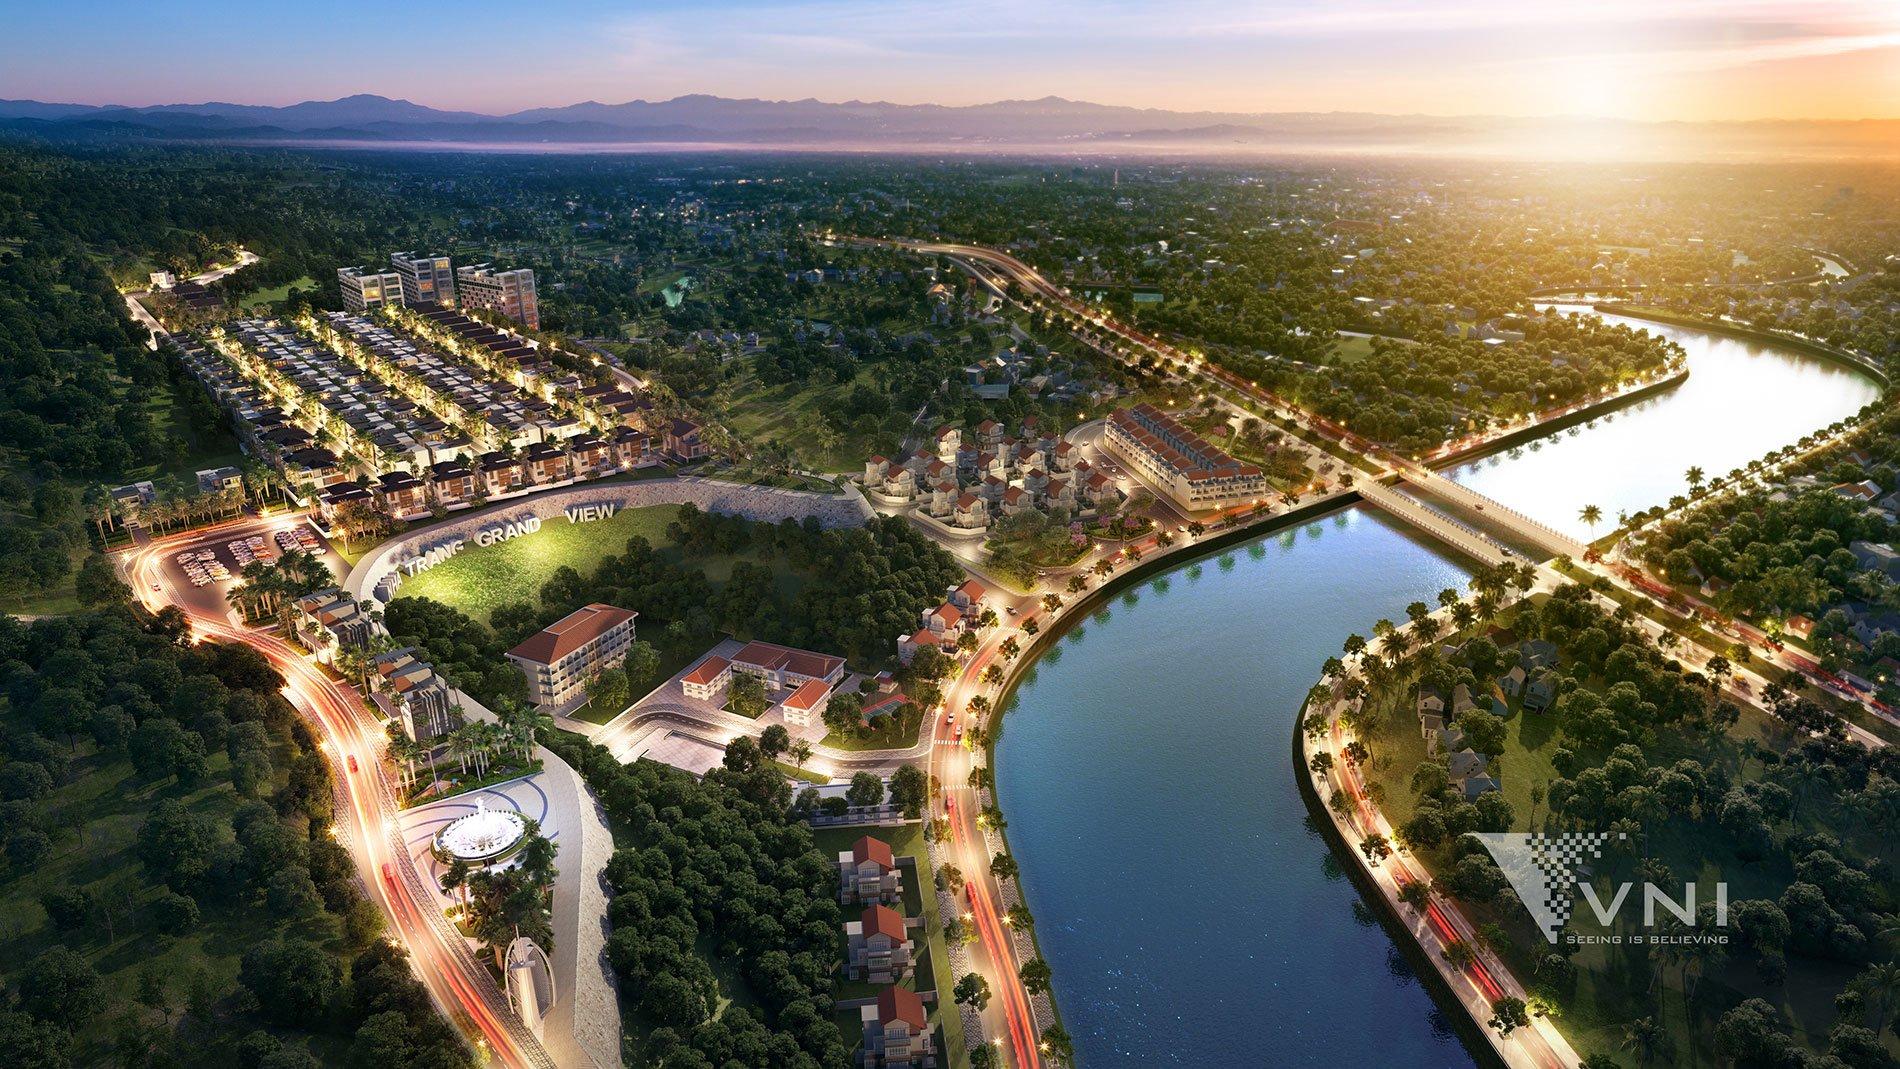 Phối cảnh mặt bằng dự án Nha Trang Grand View